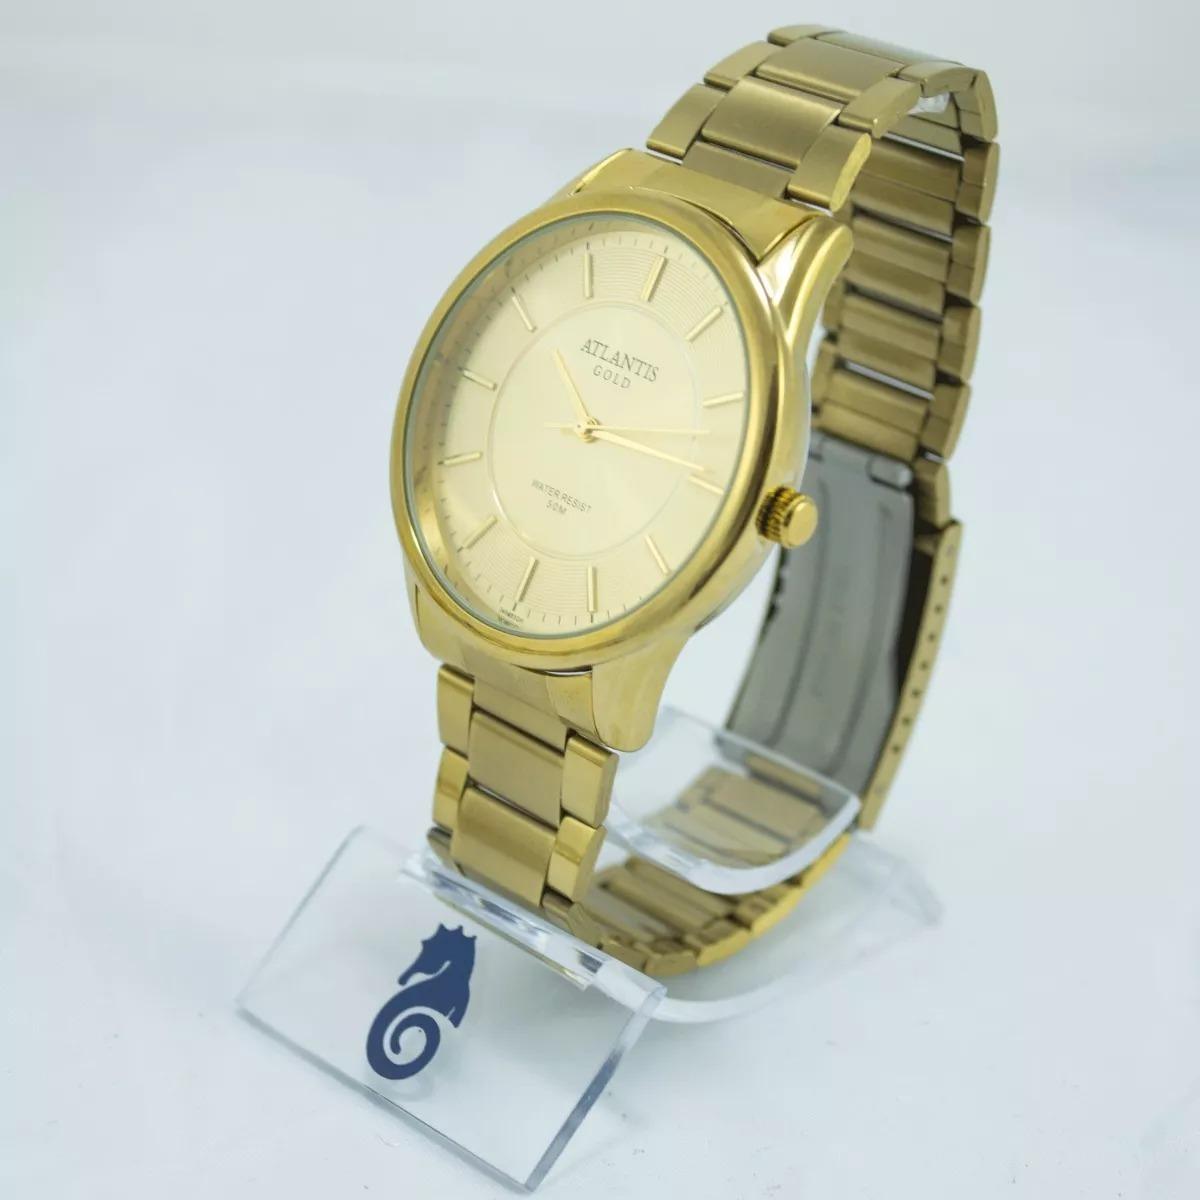 c5c95ec5b45 relógio feminino luxo atlantis gold. original. promoção. Carregando zoom.